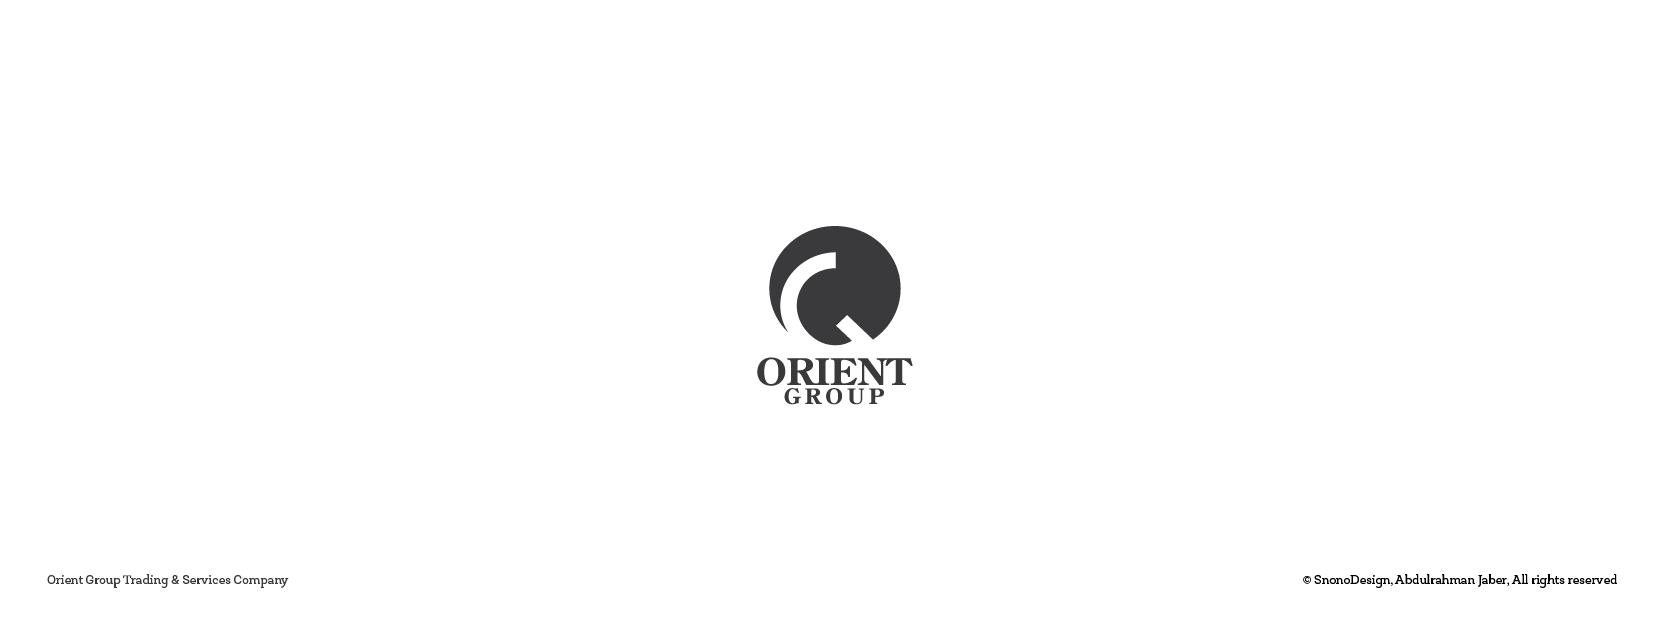 Logos 2002 - 2016 -2-03.png